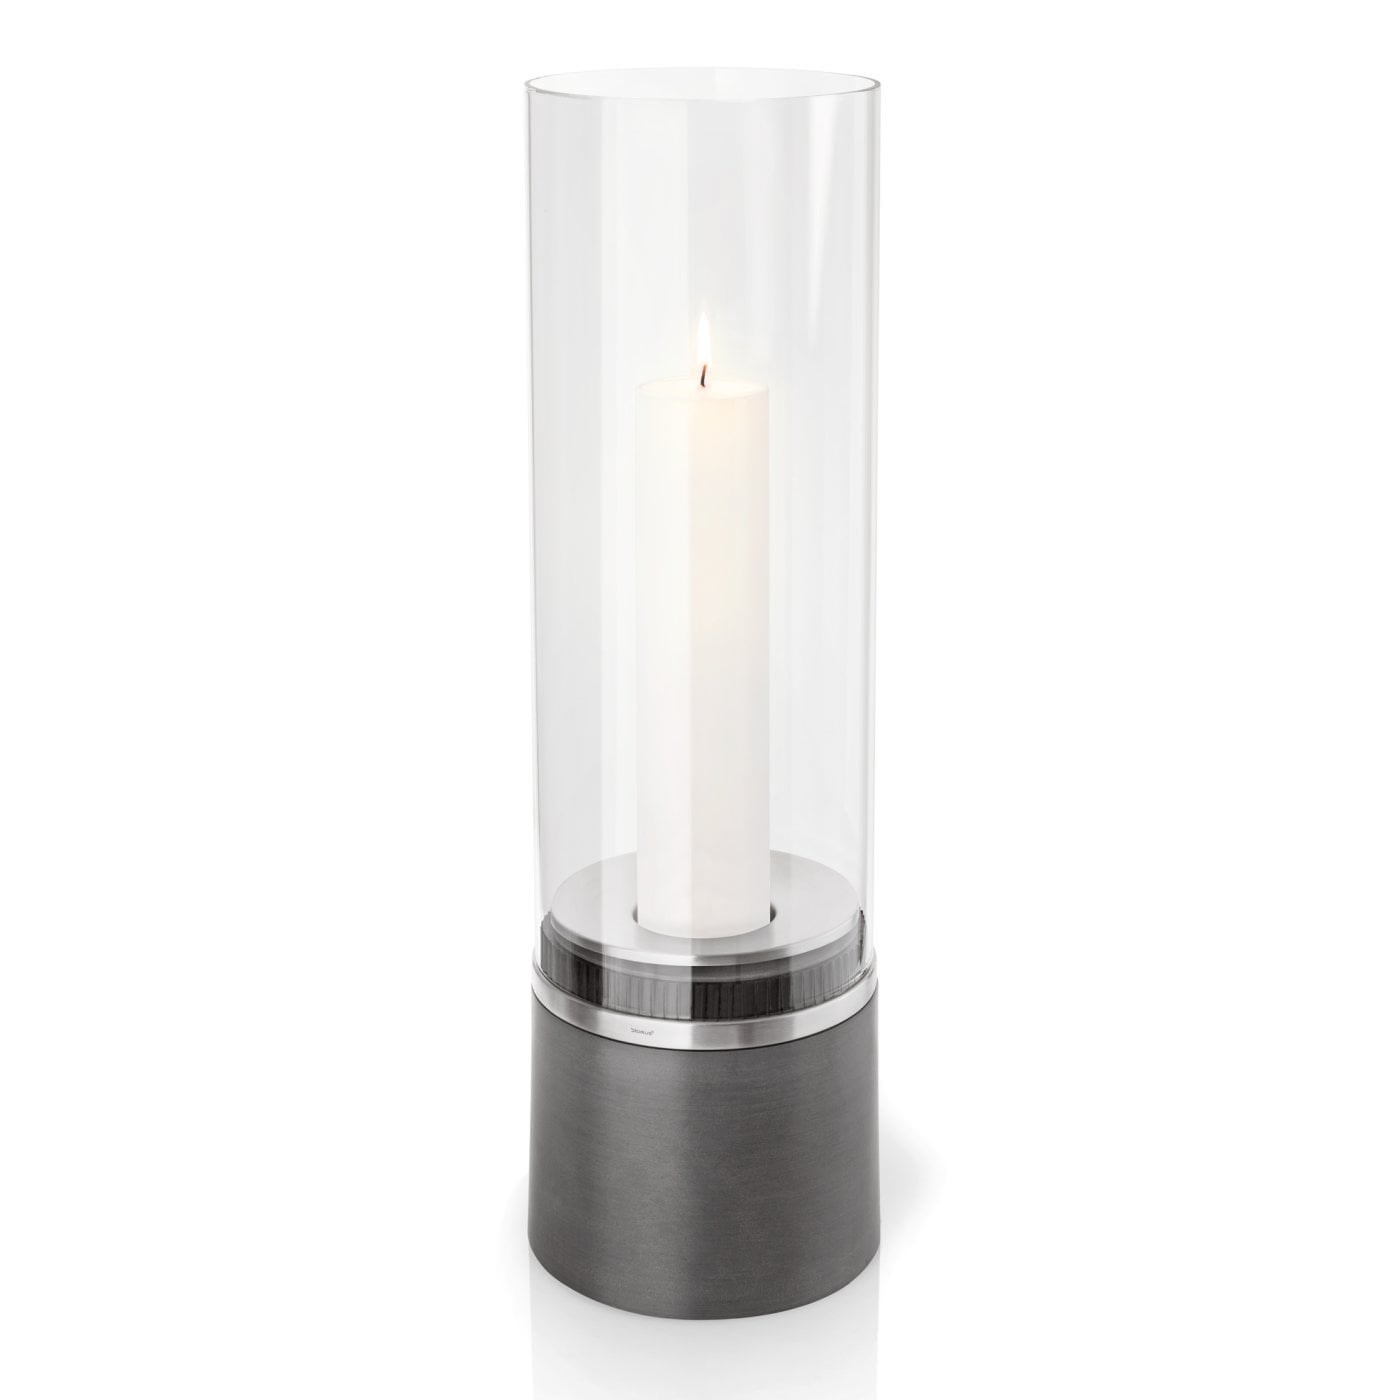 Obrázek z Svícen PIEDRA 60 cm vč. svíčky